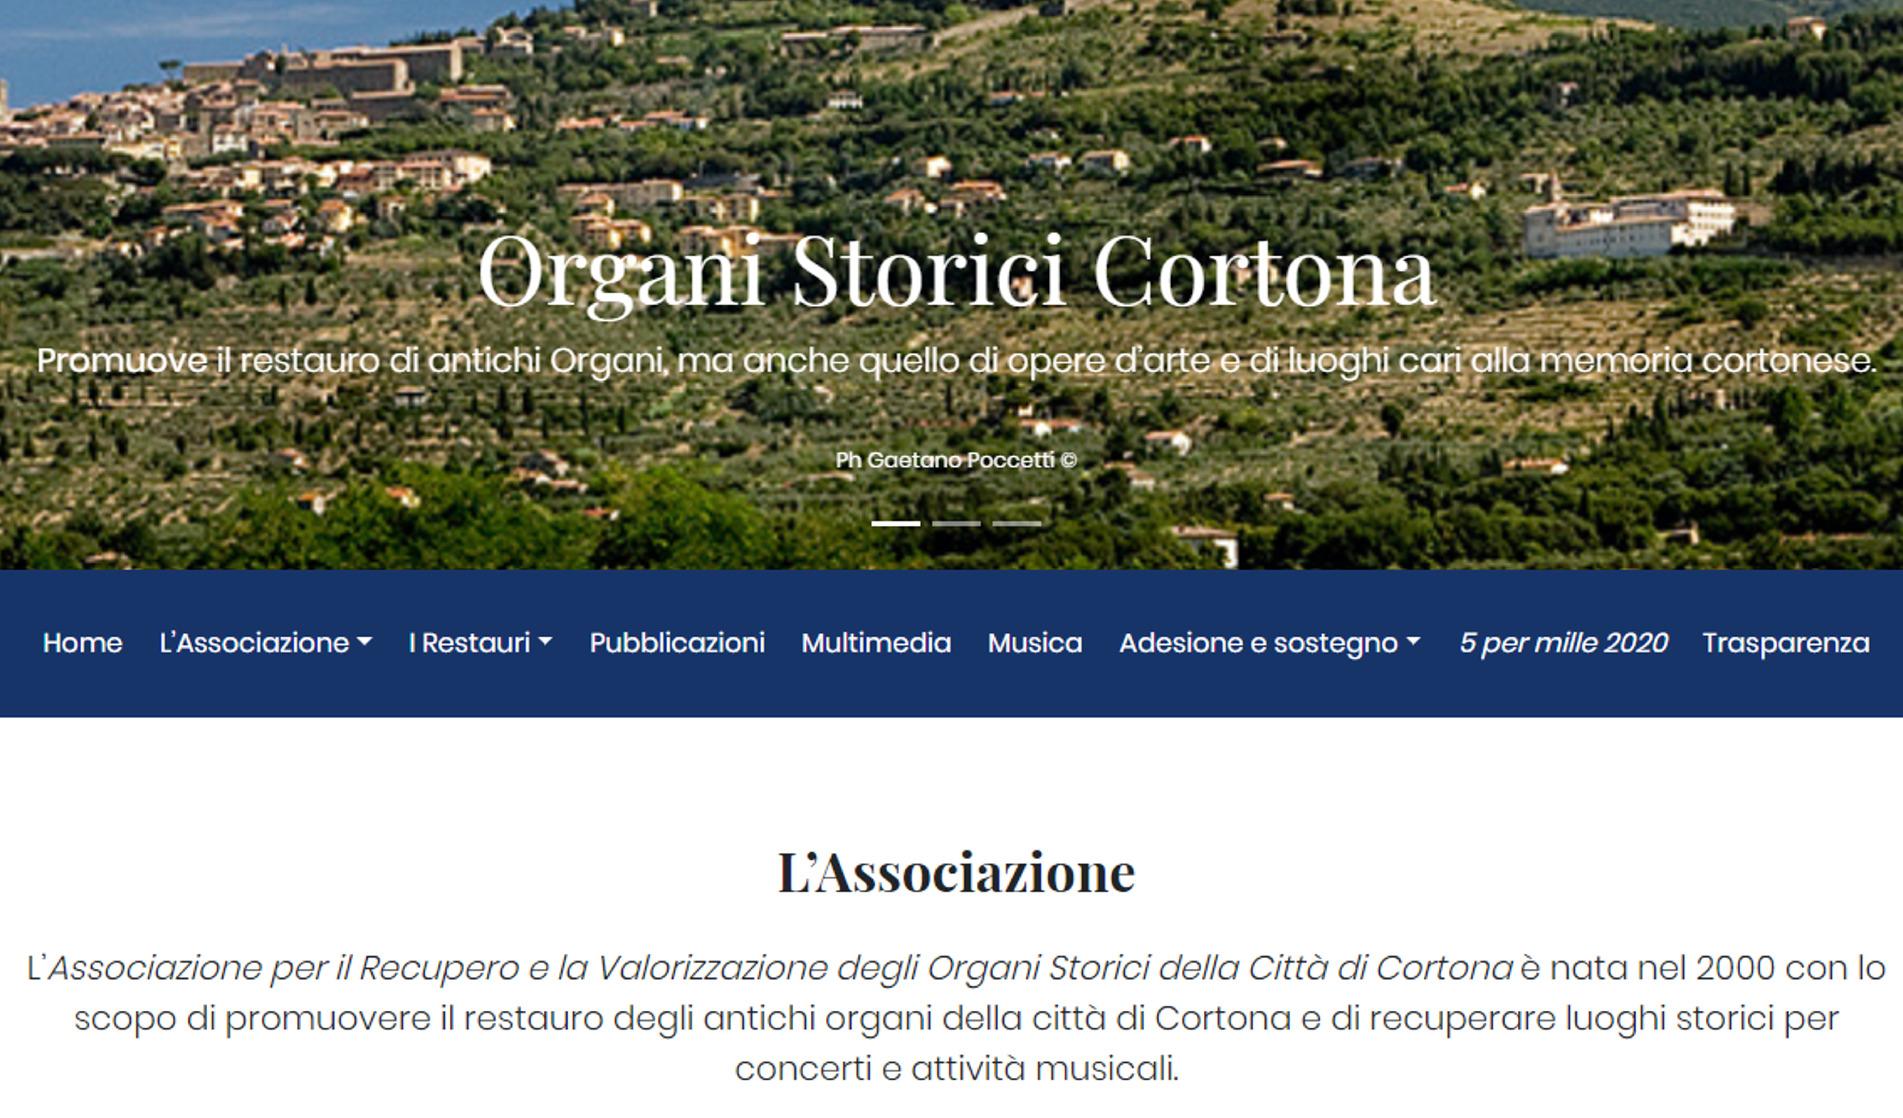 Il nuovo sito dell'Associazione per il Recupero e la Valorizzazione degli Organi Storici della Città di Cortona